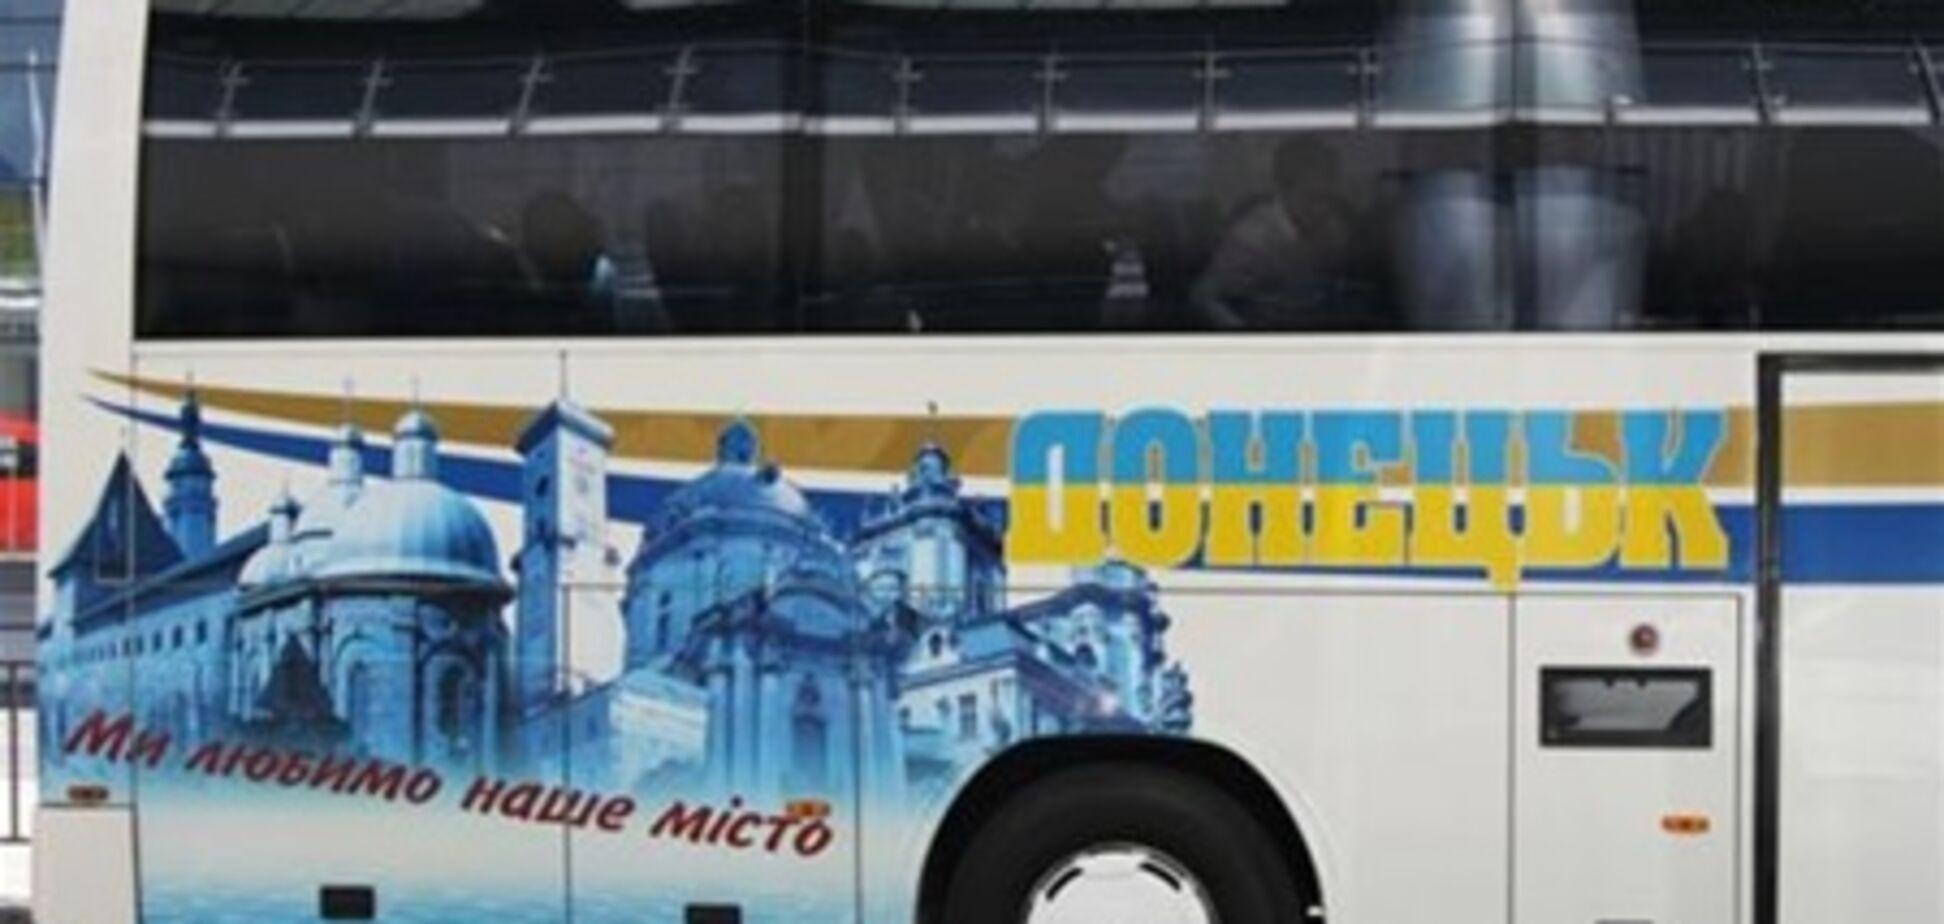 По Донецку ездит автобус с изображением Львова и надписью 'Мы любим наш город'